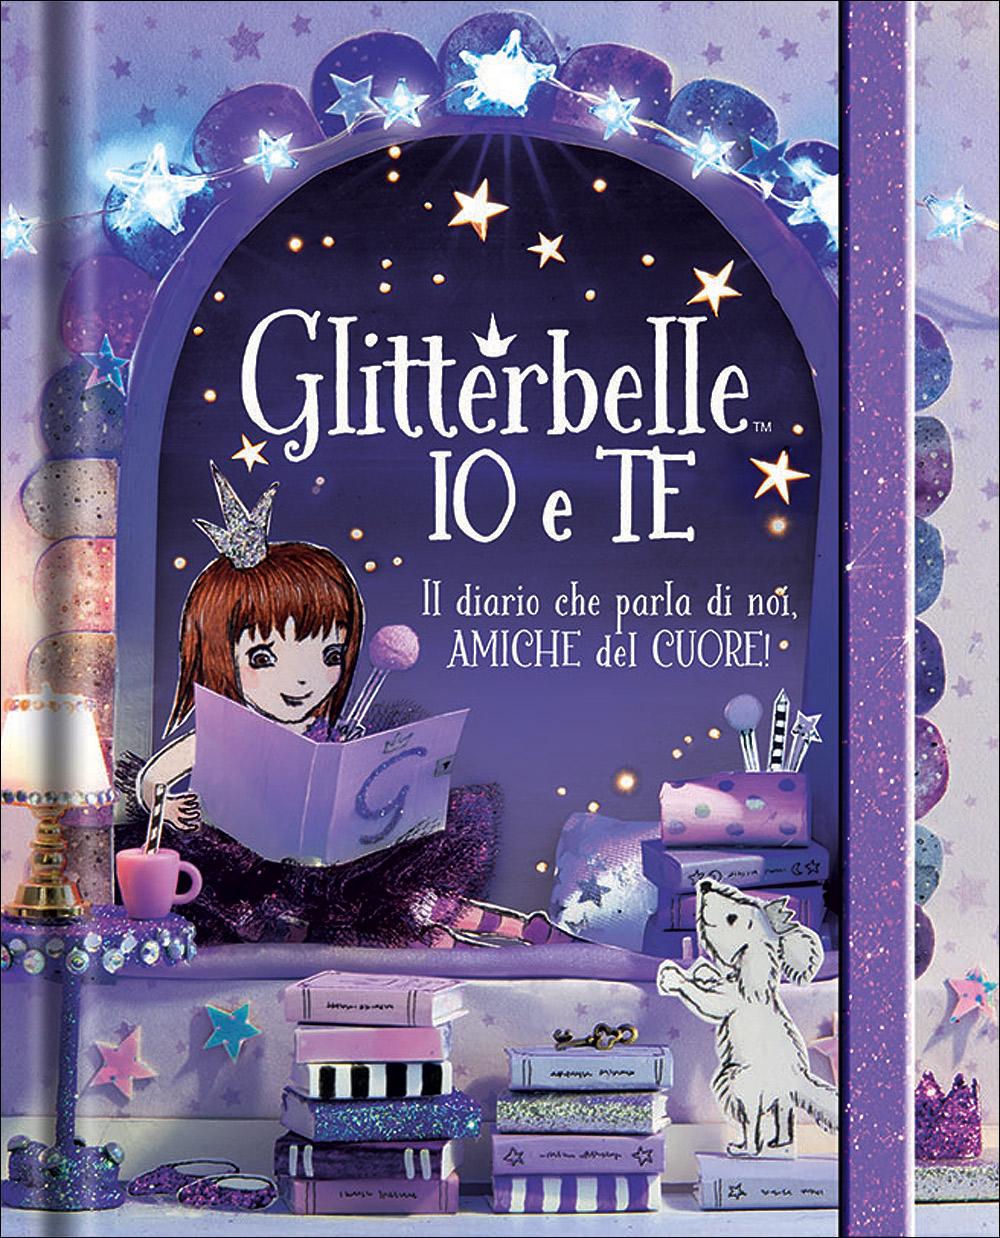 Libri fatati - Glitterbelle. Io e te